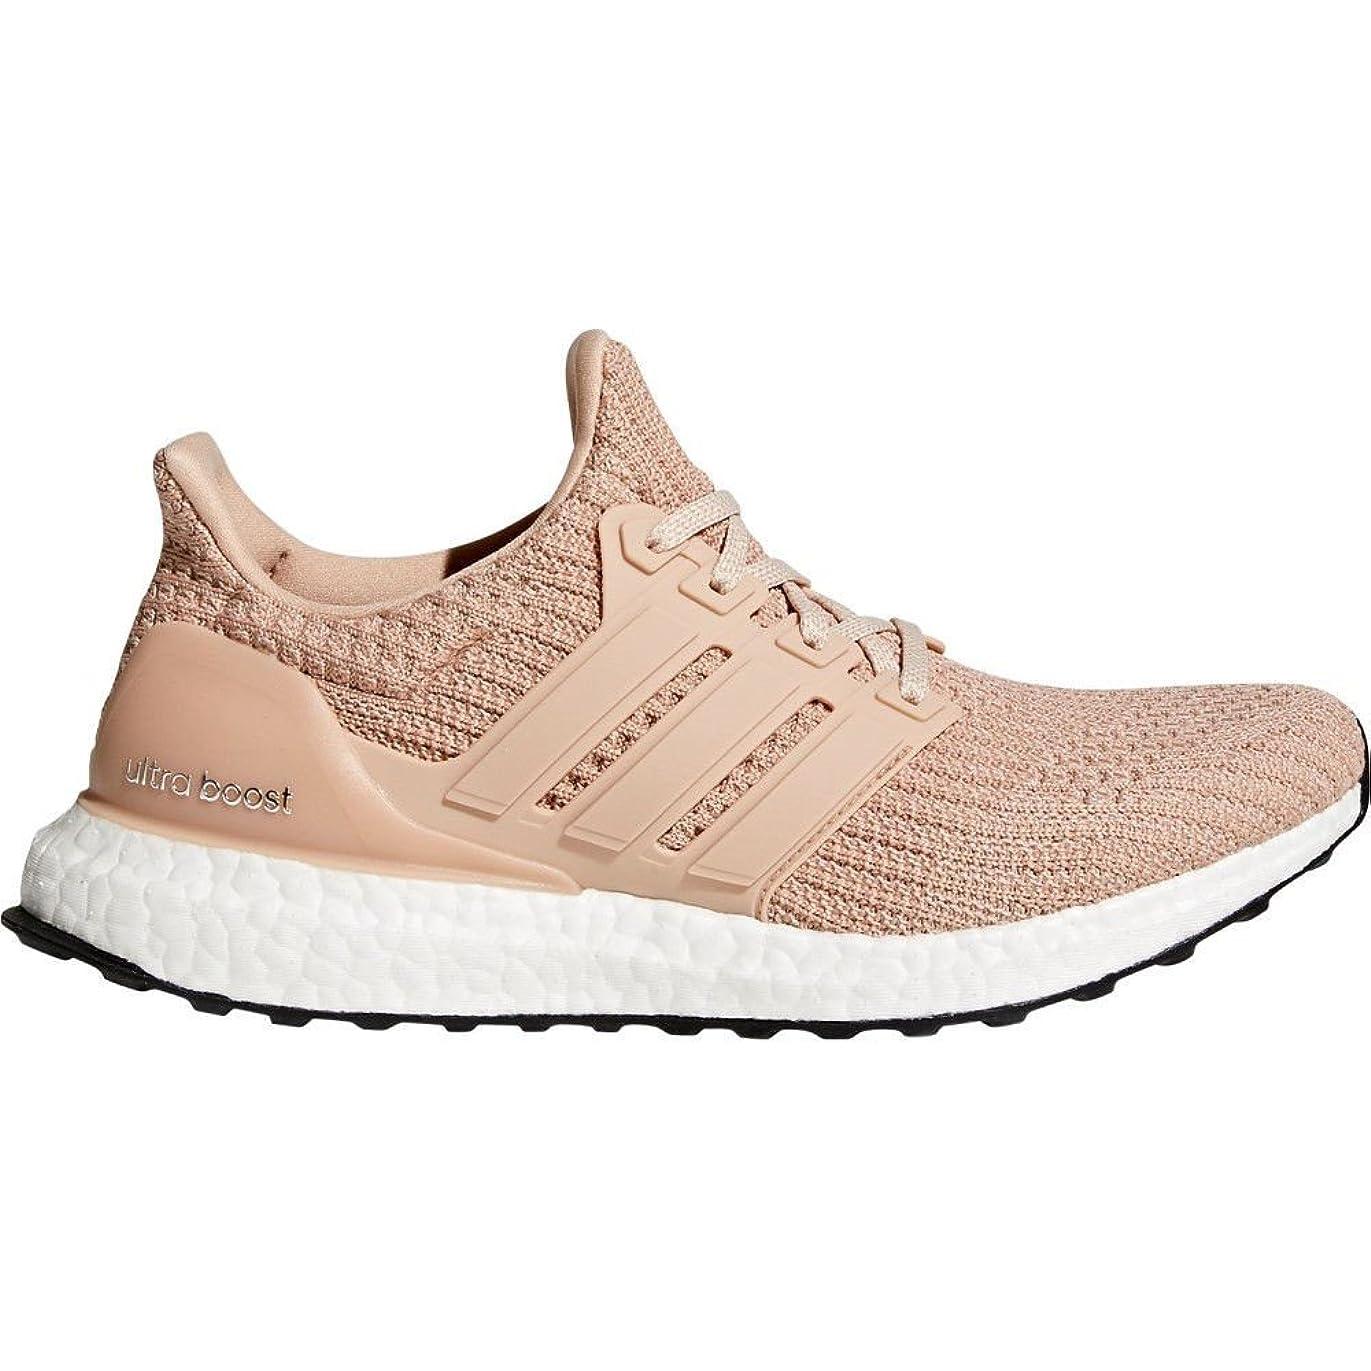 シフト酸っぱい透過性(アディダス) adidas レディース ランニング?ウォーキング シューズ?靴 Ultra Boost Running Shoes [並行輸入品]